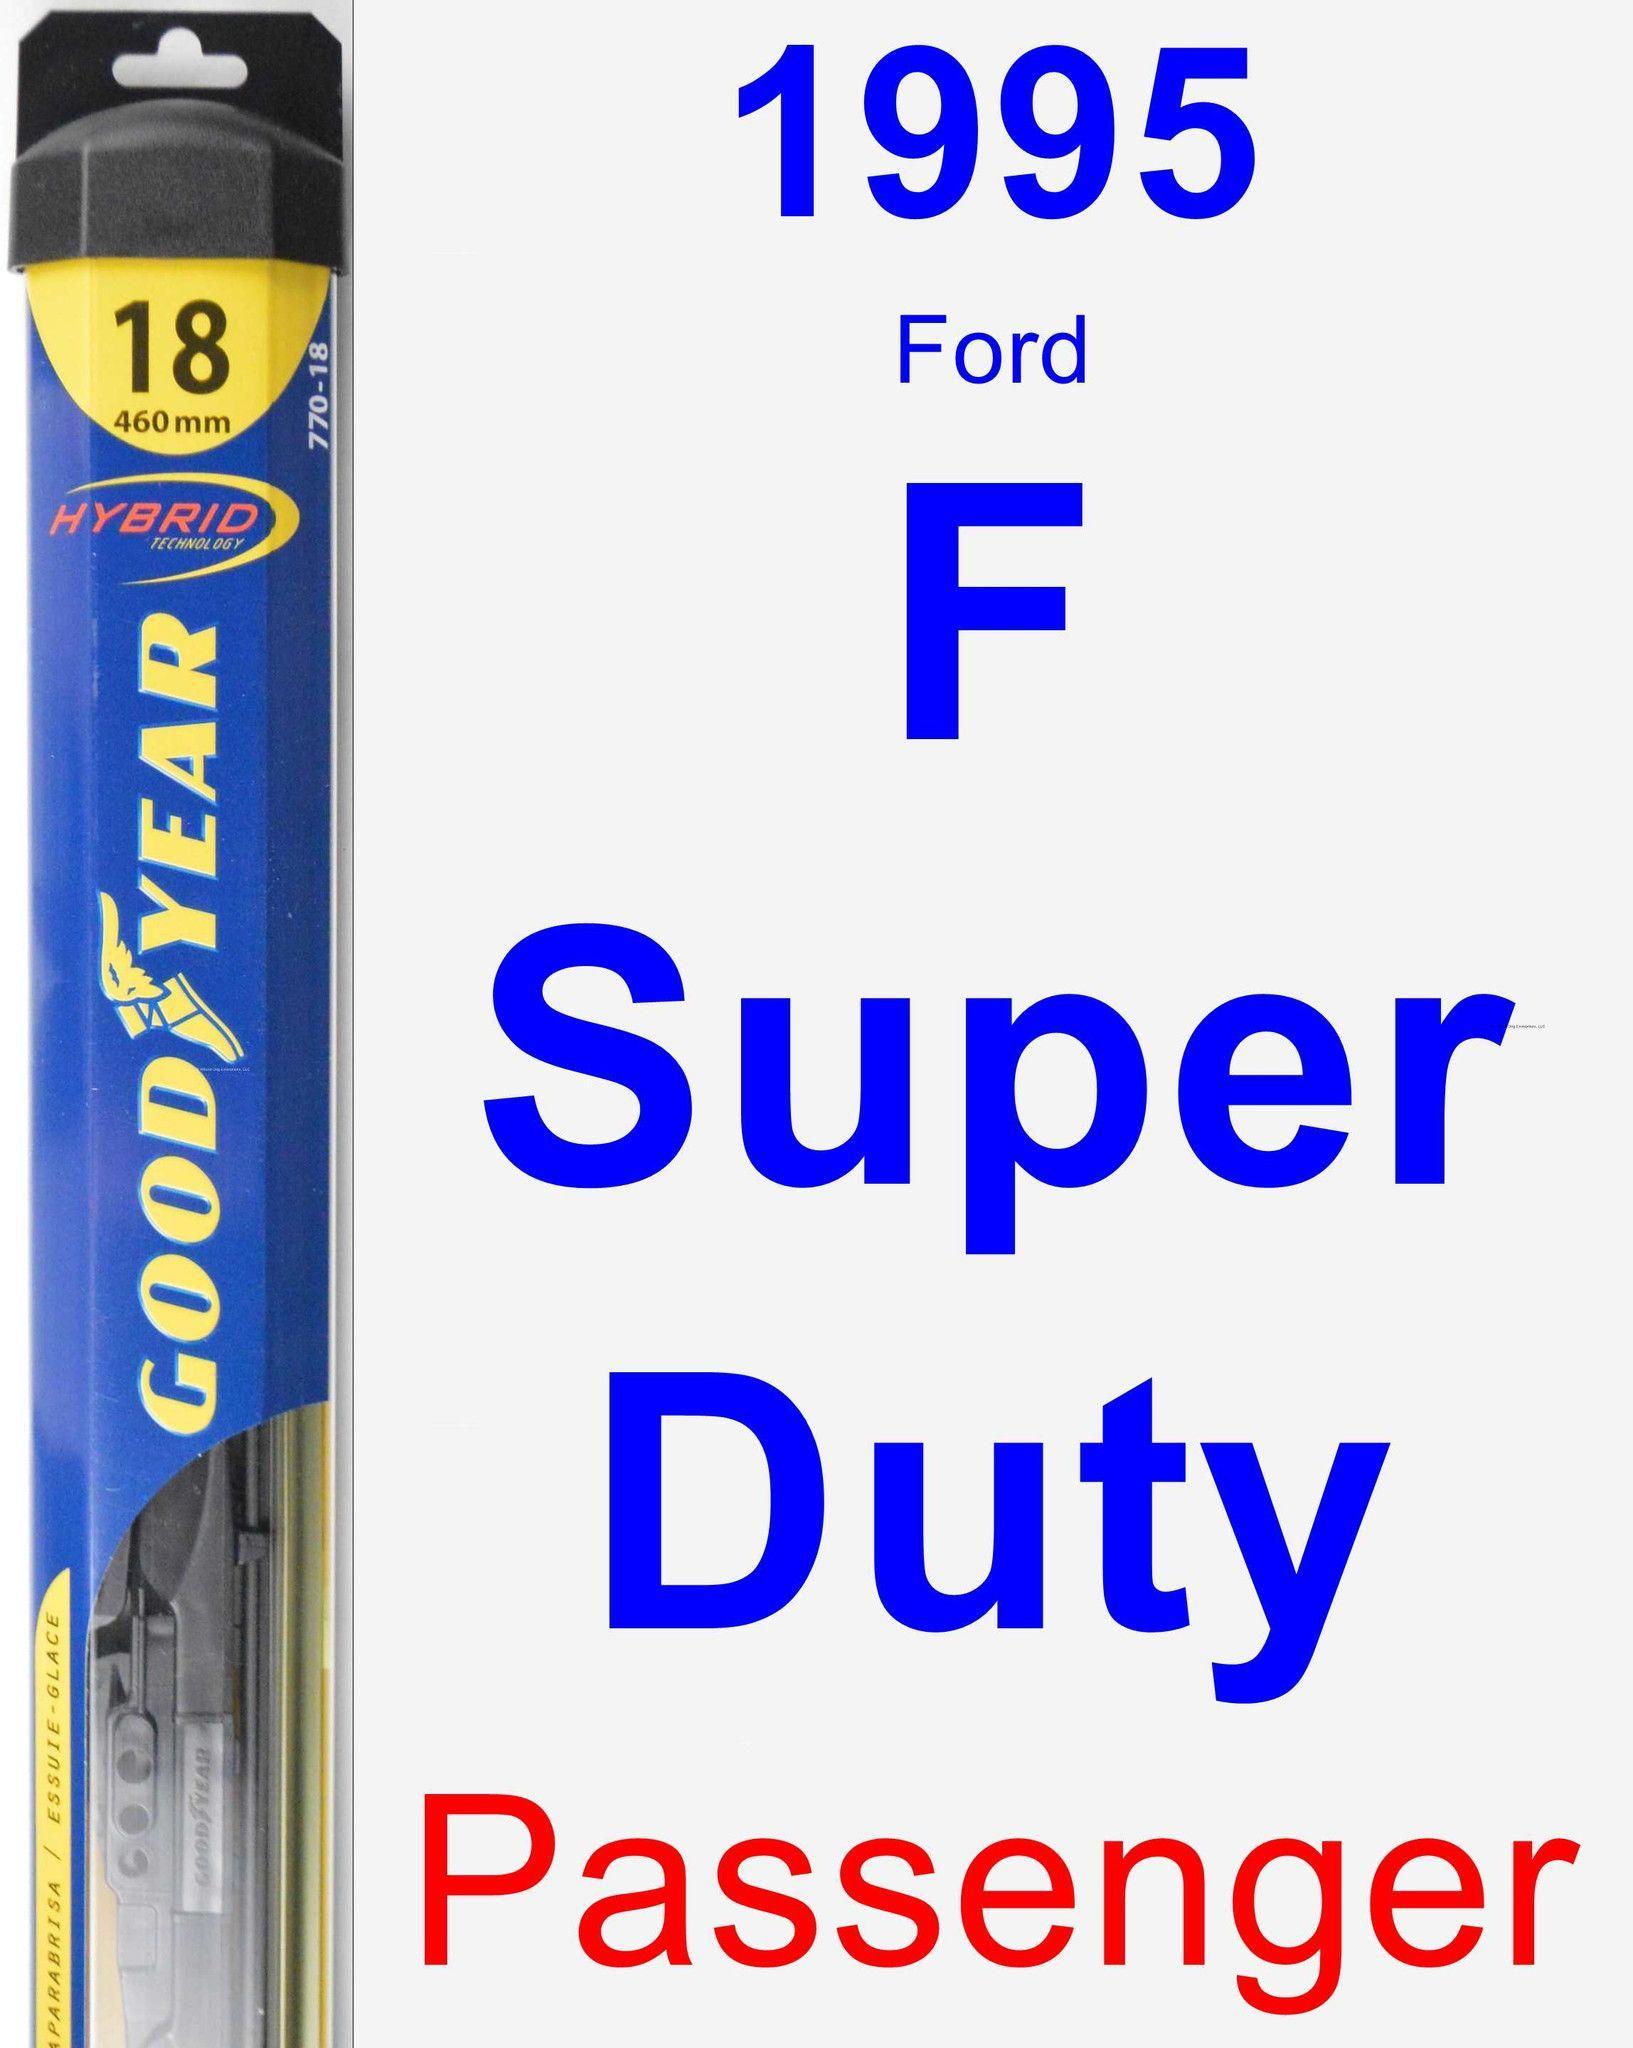 Passenger Wiper Blade for 1995 Ford F Super Duty - Hybrid